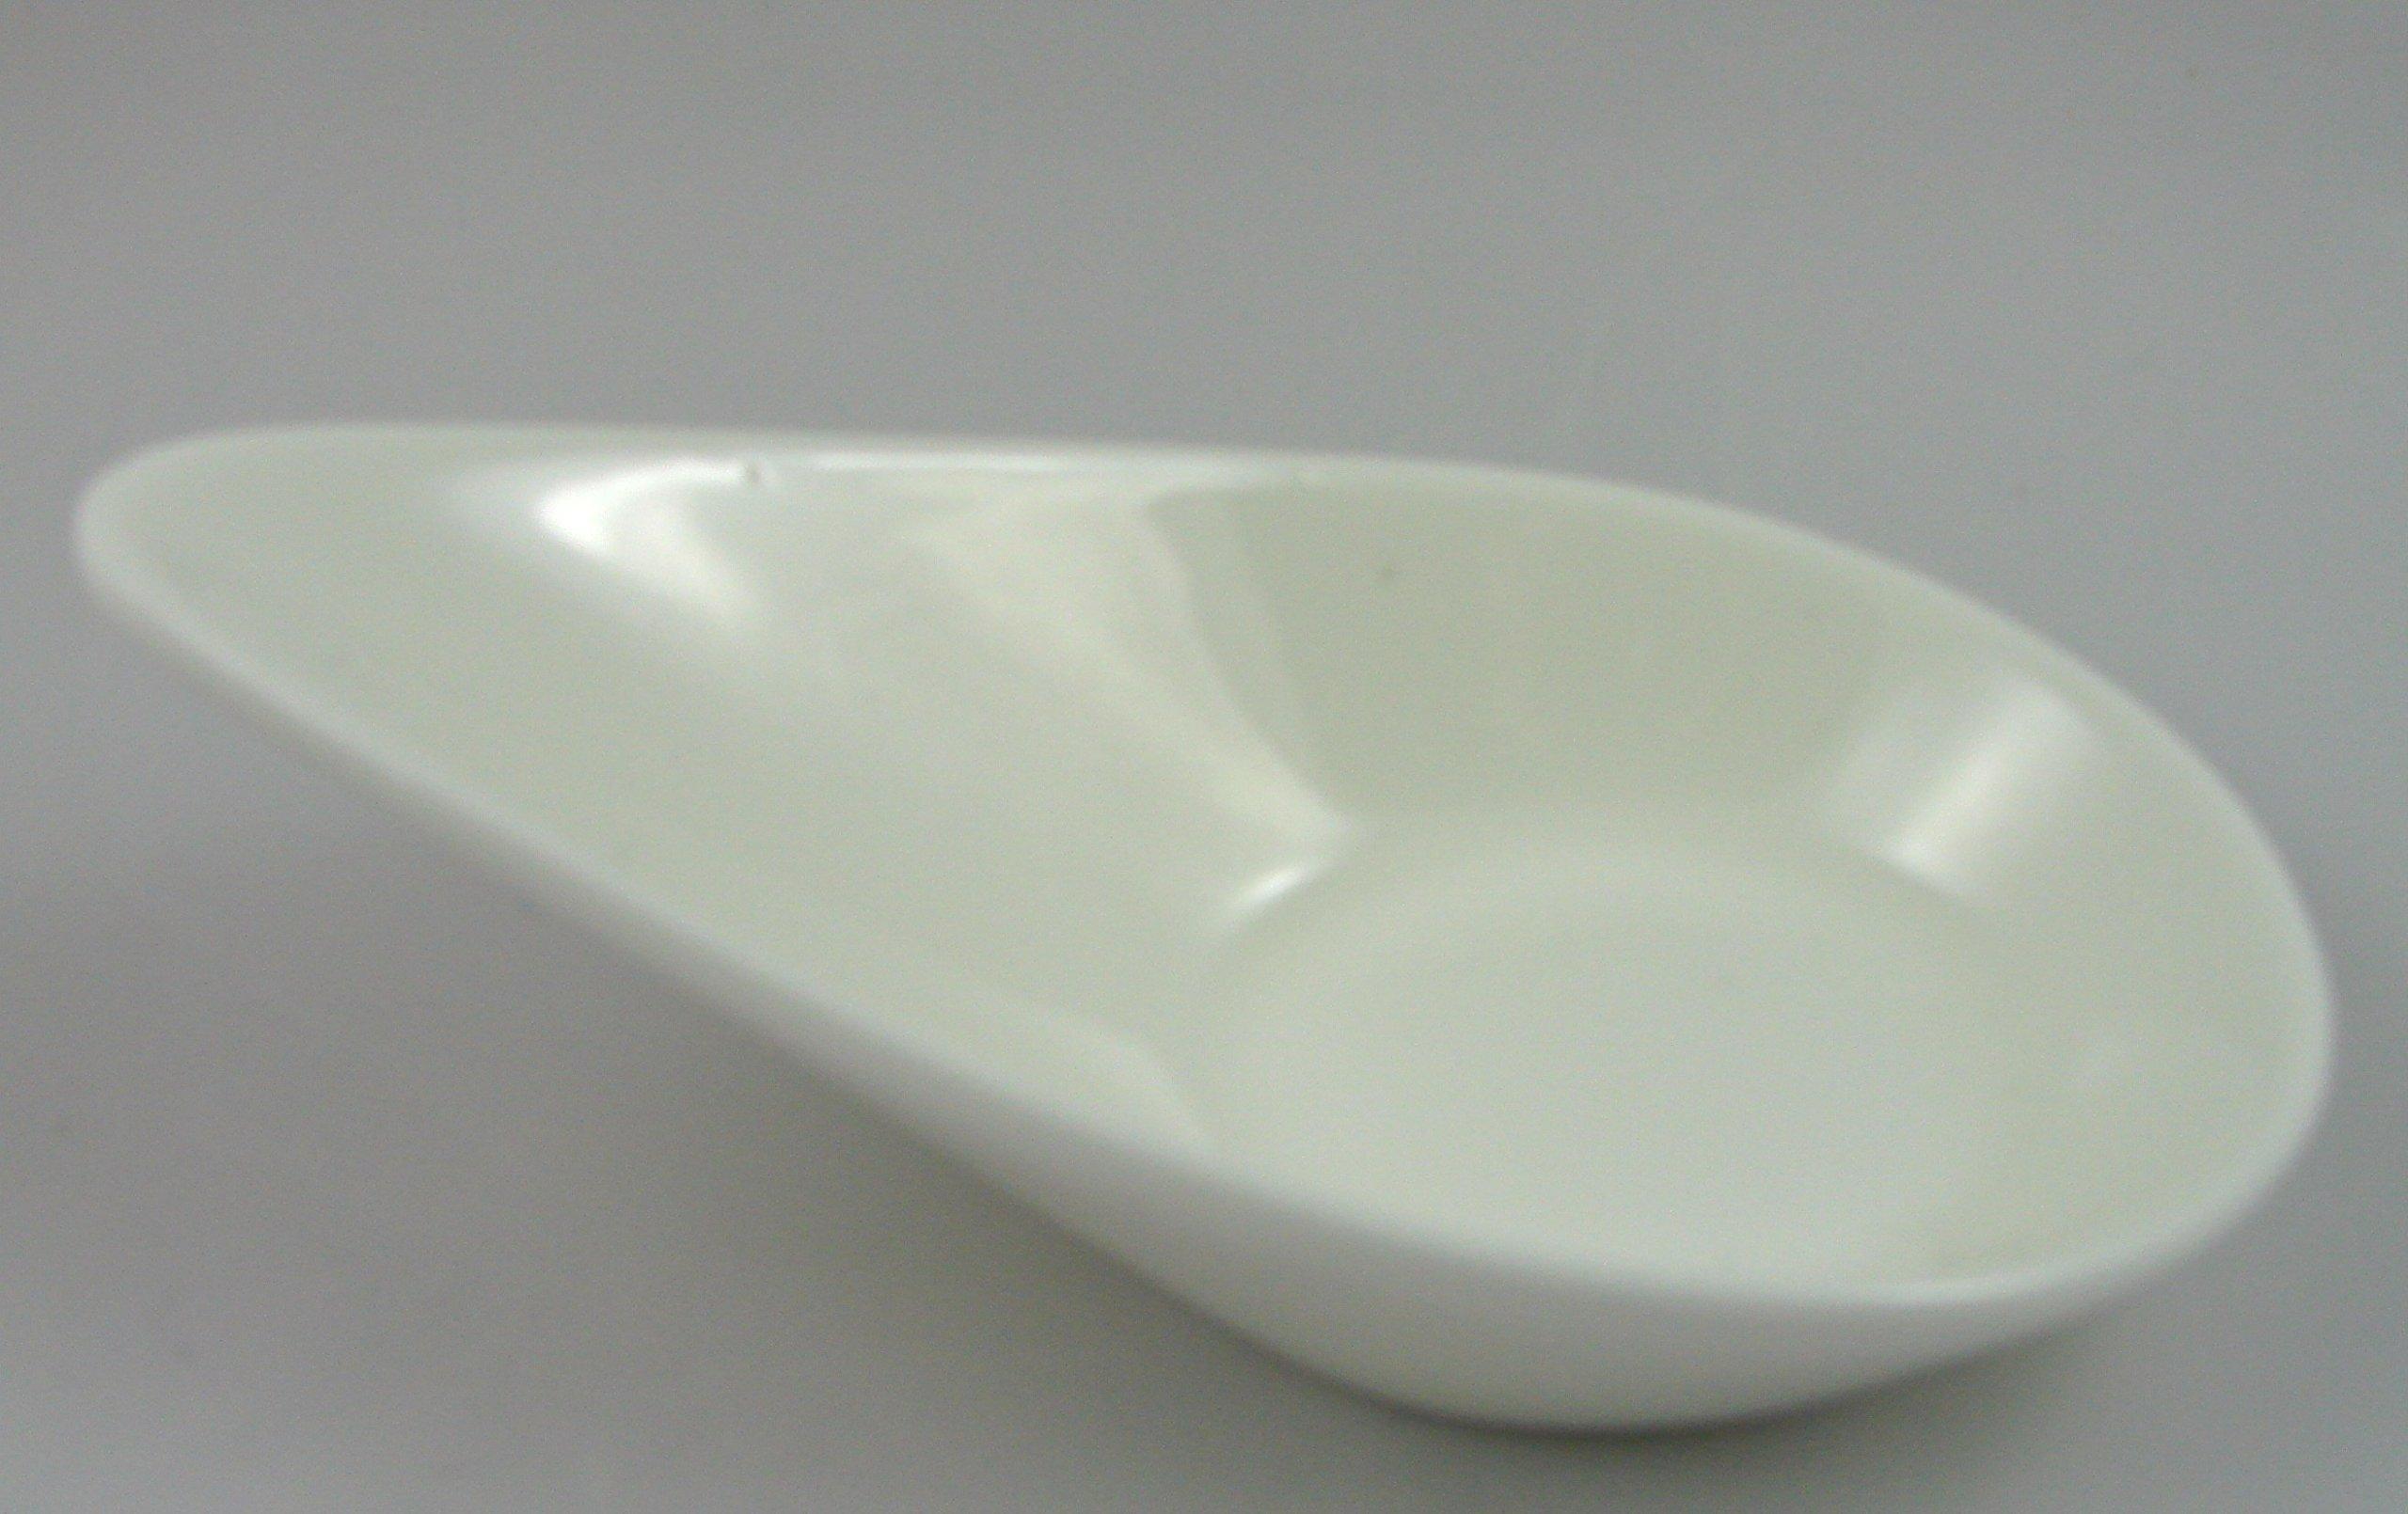 Super White Porcelain Tear Drop Shape Sauce Dishes 1 Dz (4.25'' (1 oz)) OT27275